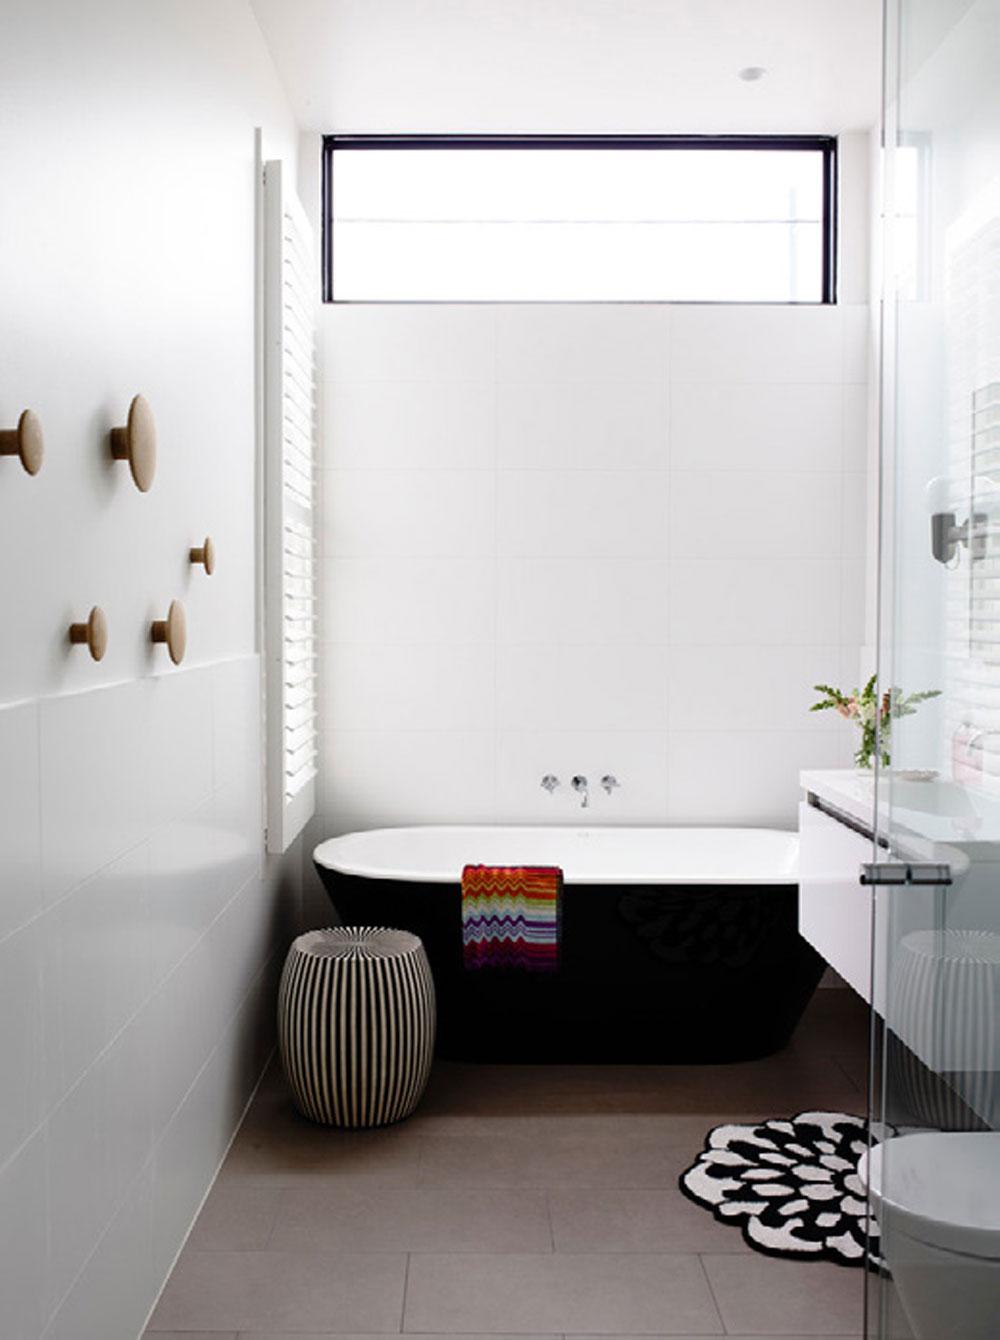 Designa-ett-litet-badrum-idéer-och-tips-5 Designa-ett-litet badrum - idéer och tips